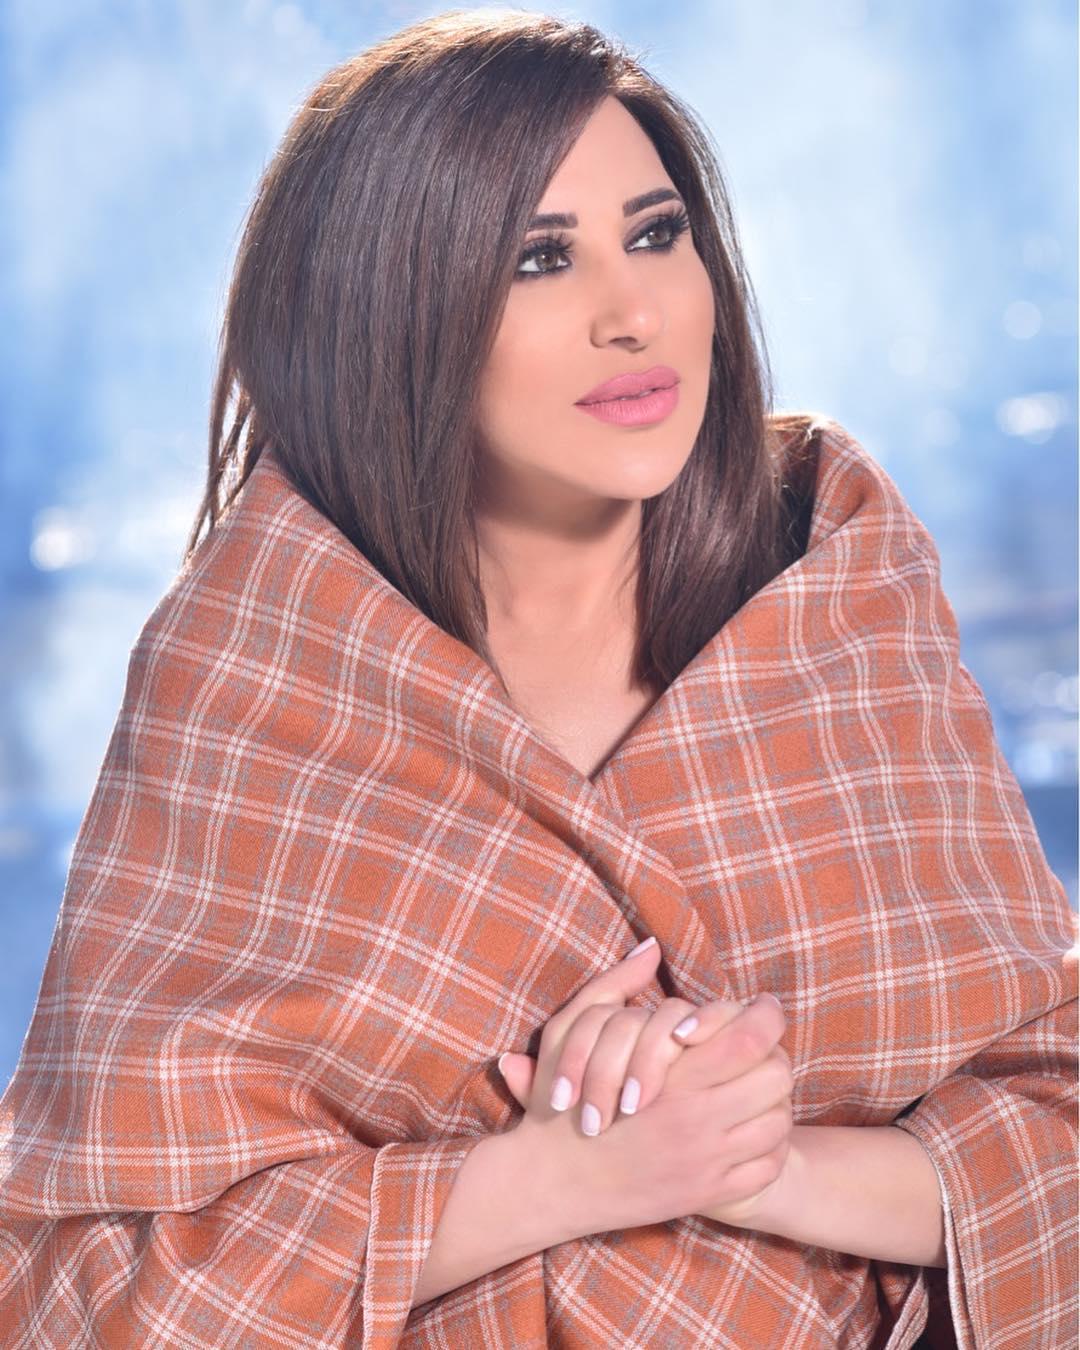 Najwa Karam Instagram username